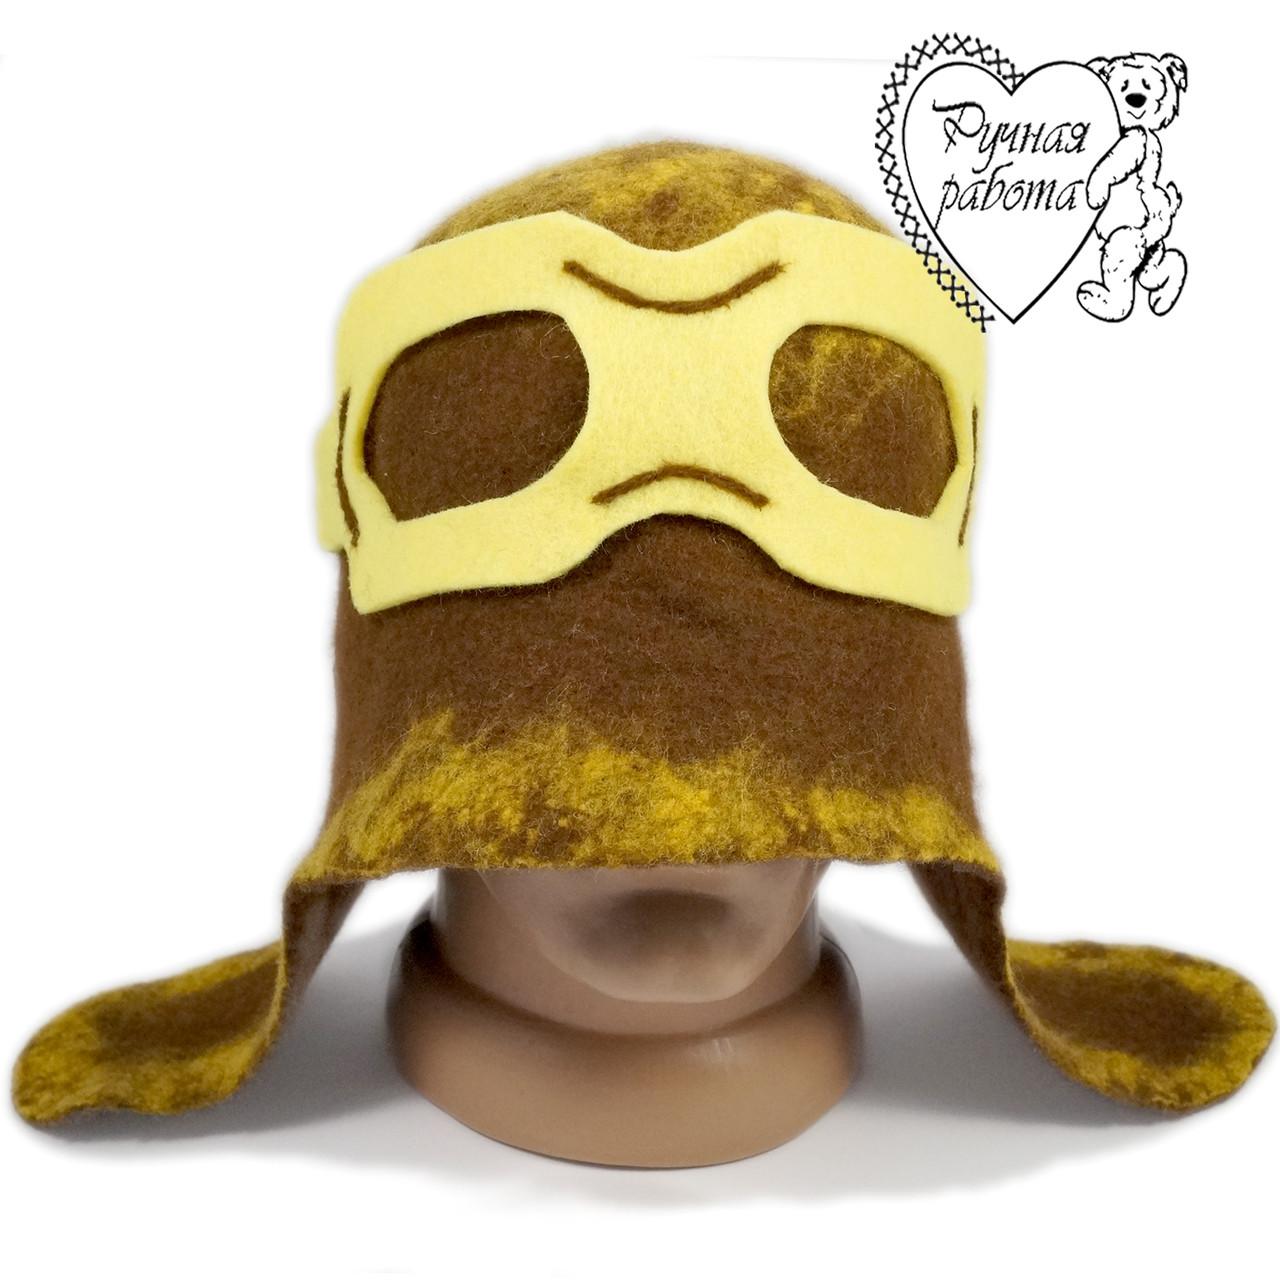 Банная шапка   Летчик, натуральная шерсть, ручная работа